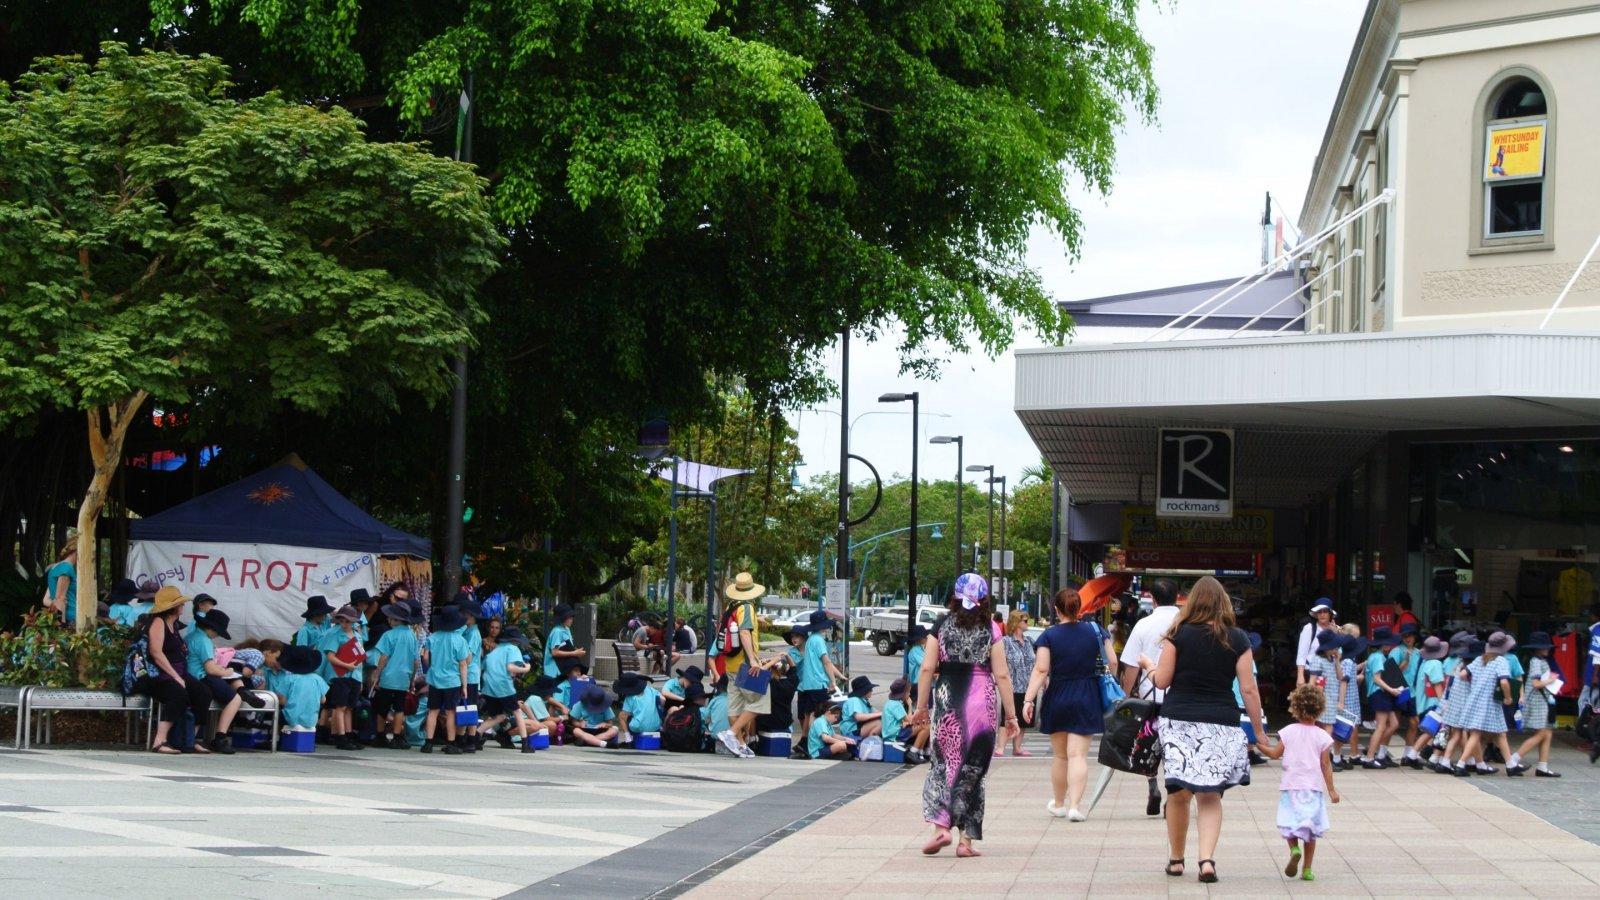 Росперсонал отзывы - Cairns, Queensland, Australia школьники